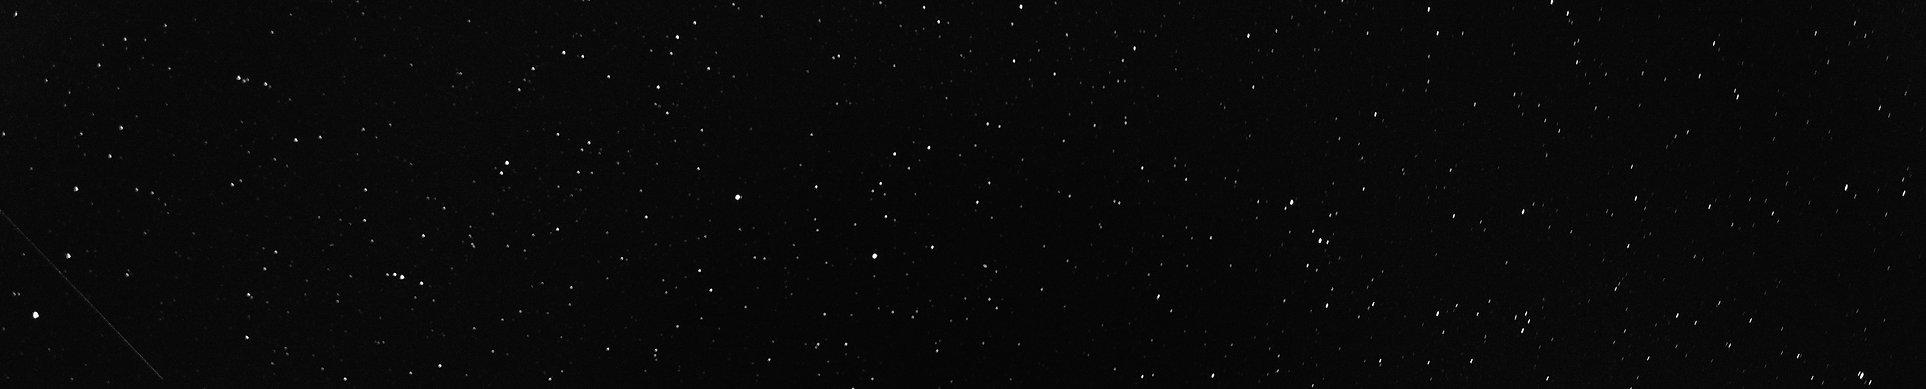 Night Sky Aqua Center